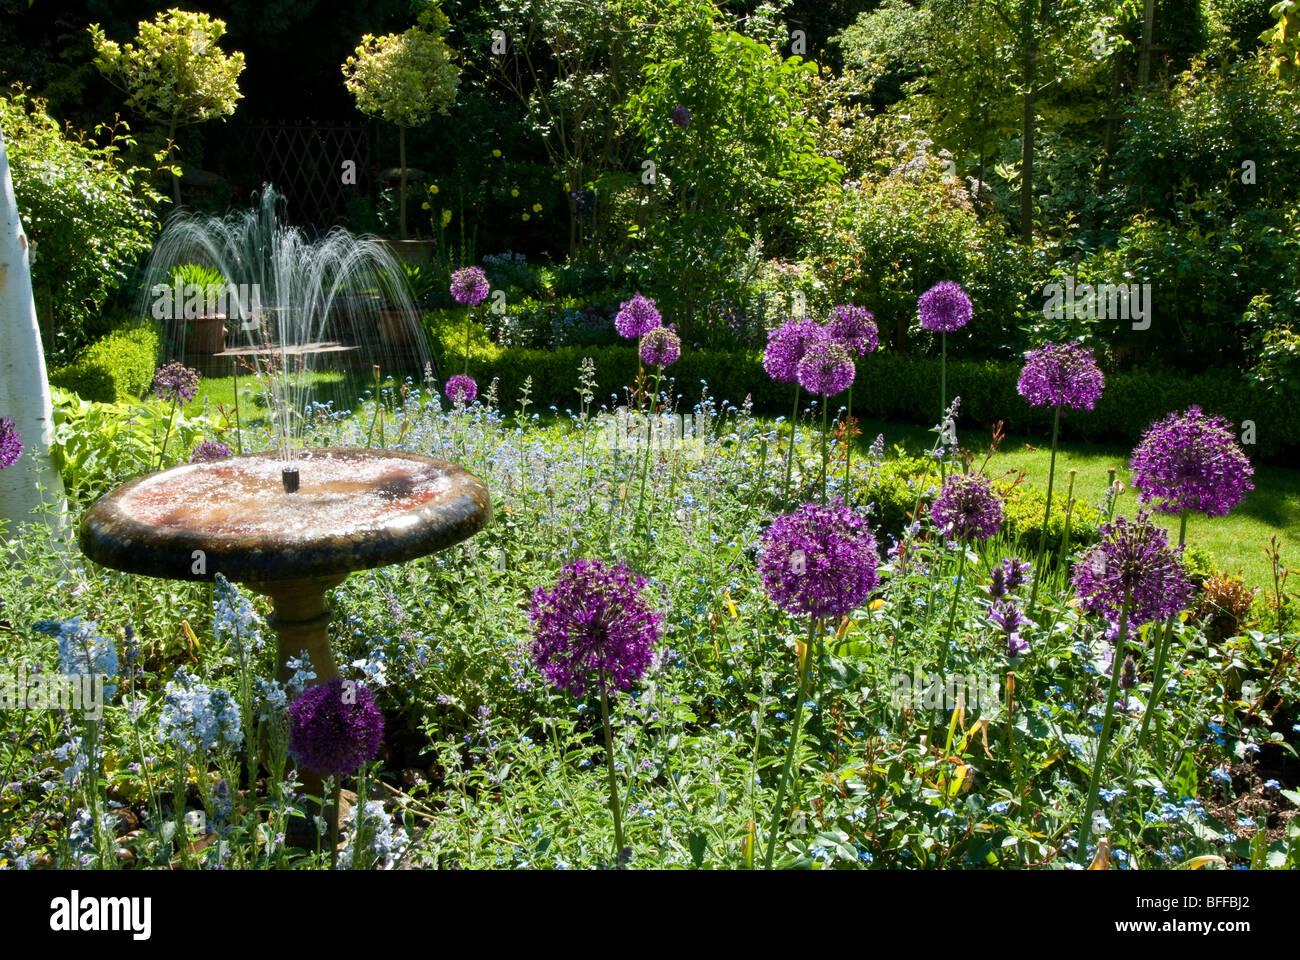 An English country garden - Stock Image